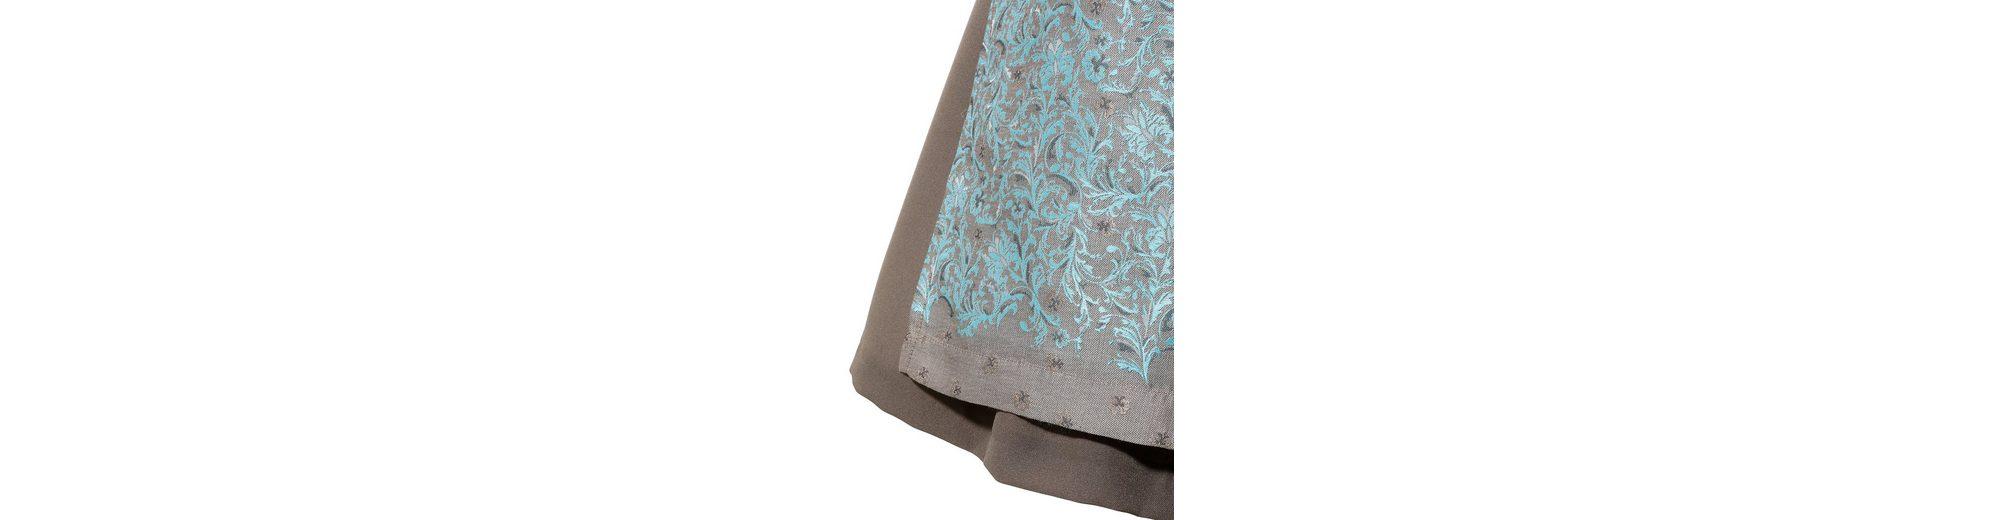 Mondkini Dirndl midi in frischer Farbkombination Hohe Qualität Zu Verkaufen Original Günstiger Preis Vorbestellung Günstig Online Billige Finish Billige Echte cKXYF0